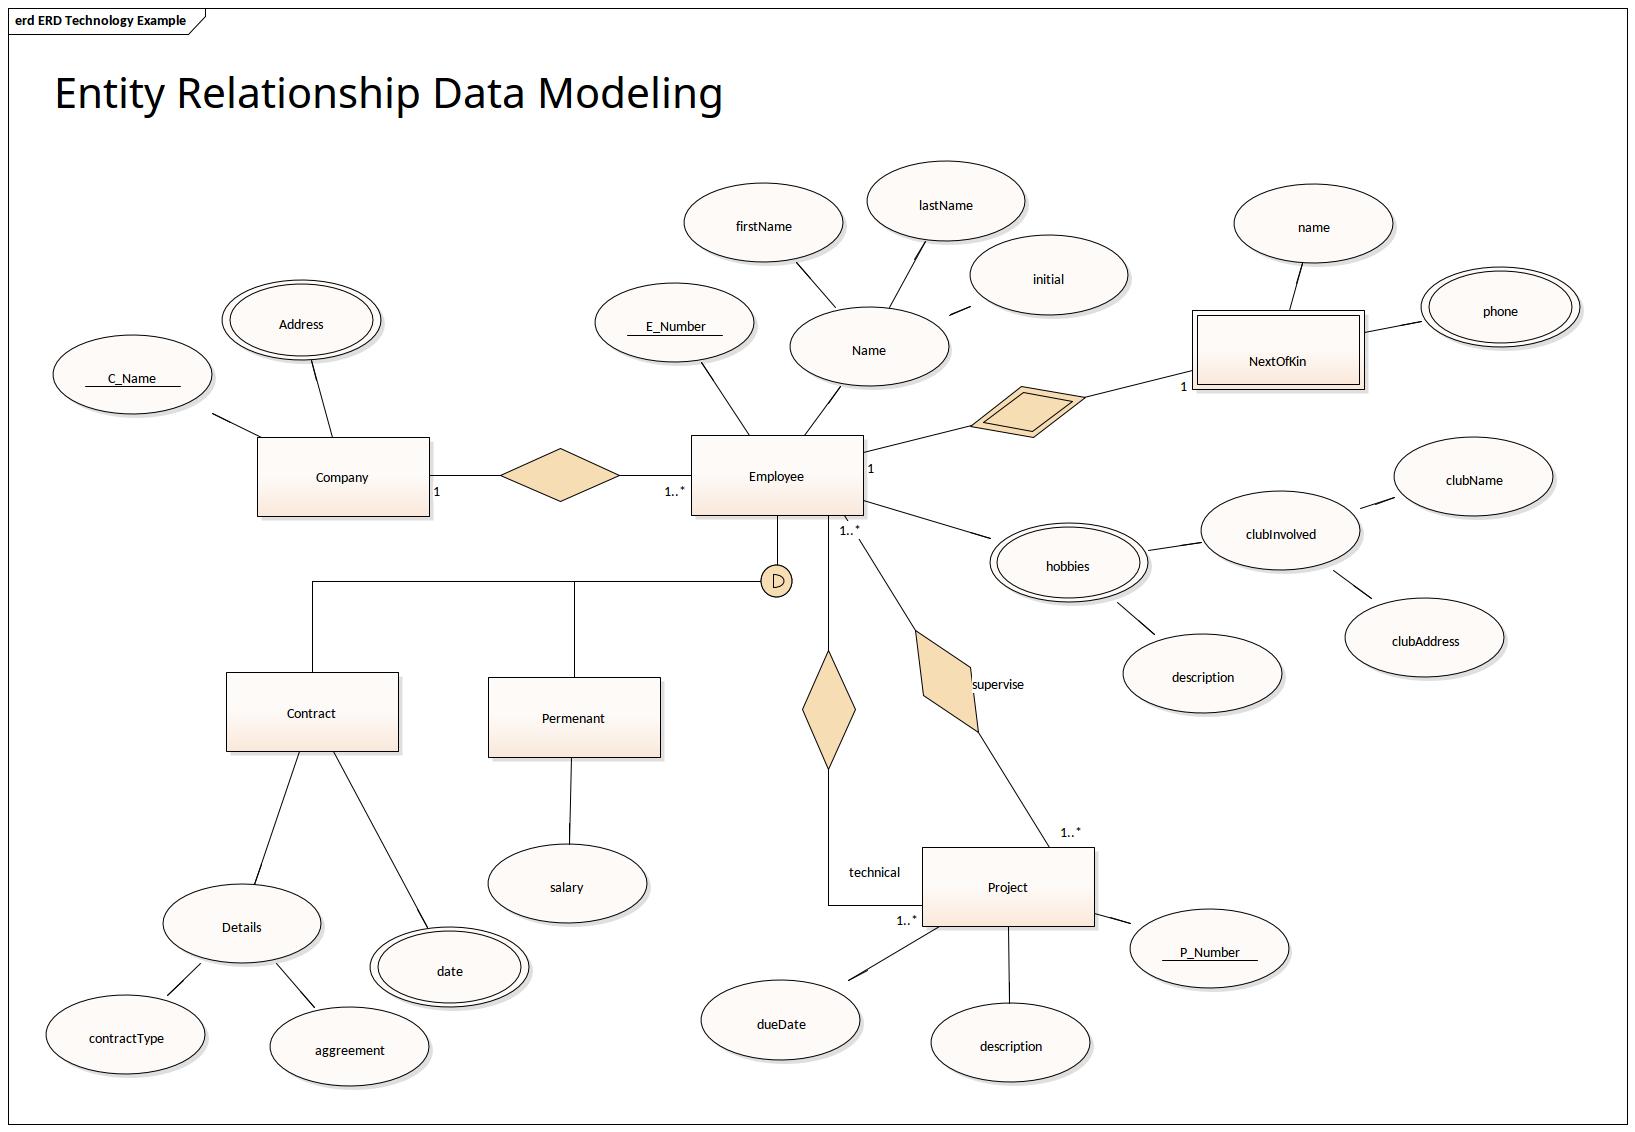 Entity Relationship Data Modeling | Enterprise Architect within Erd Relationship Symbols